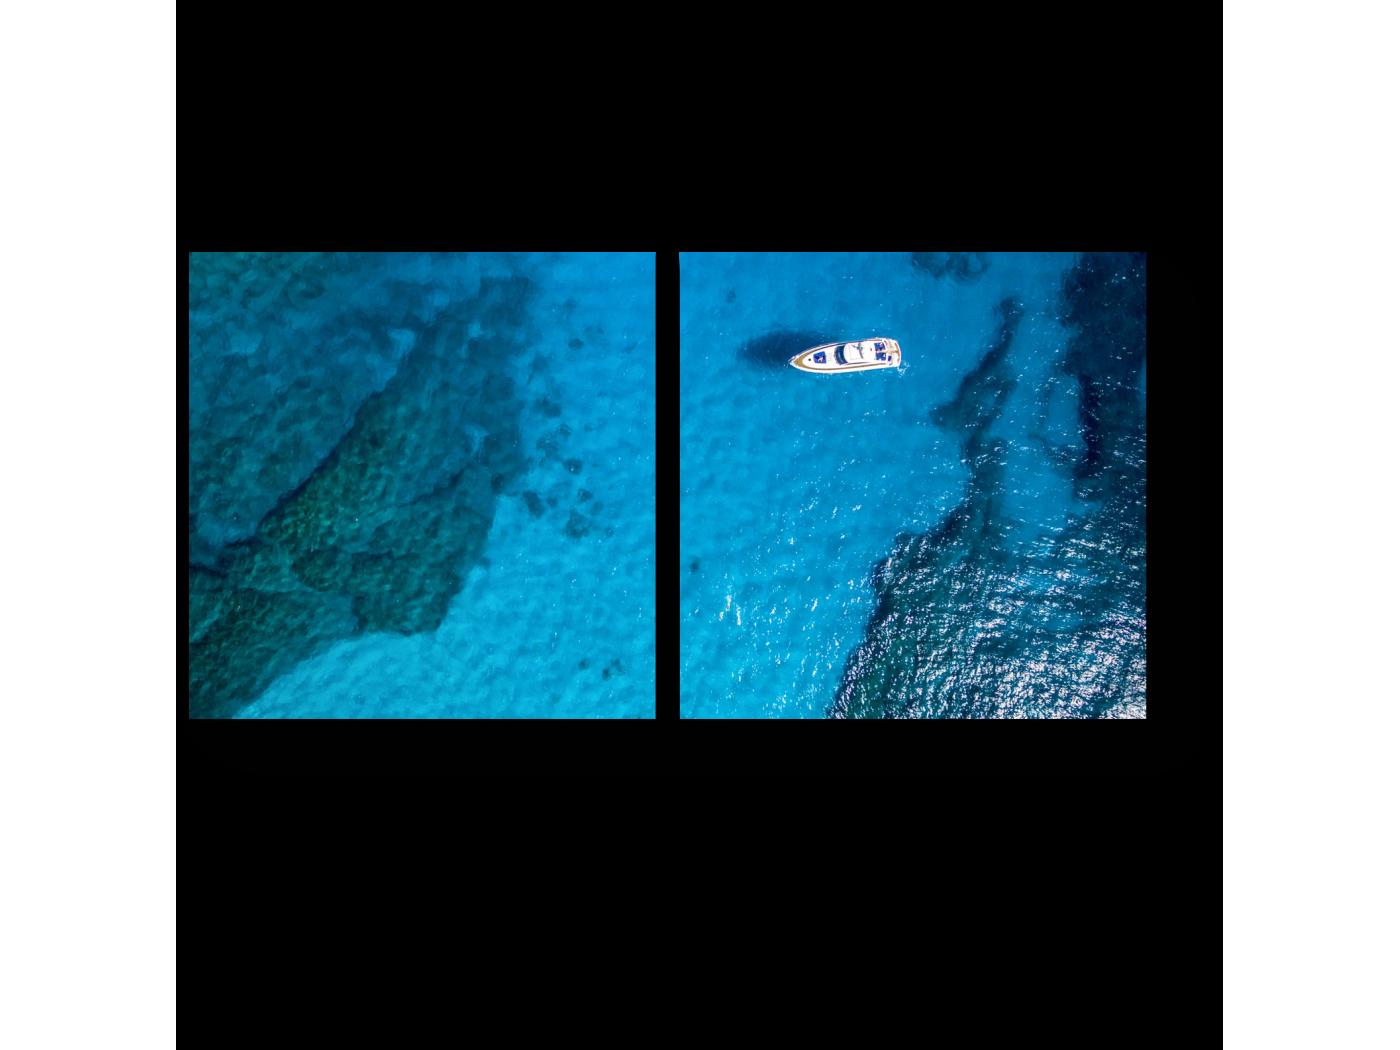 Модульная картина В открытом океане (40x20) фото